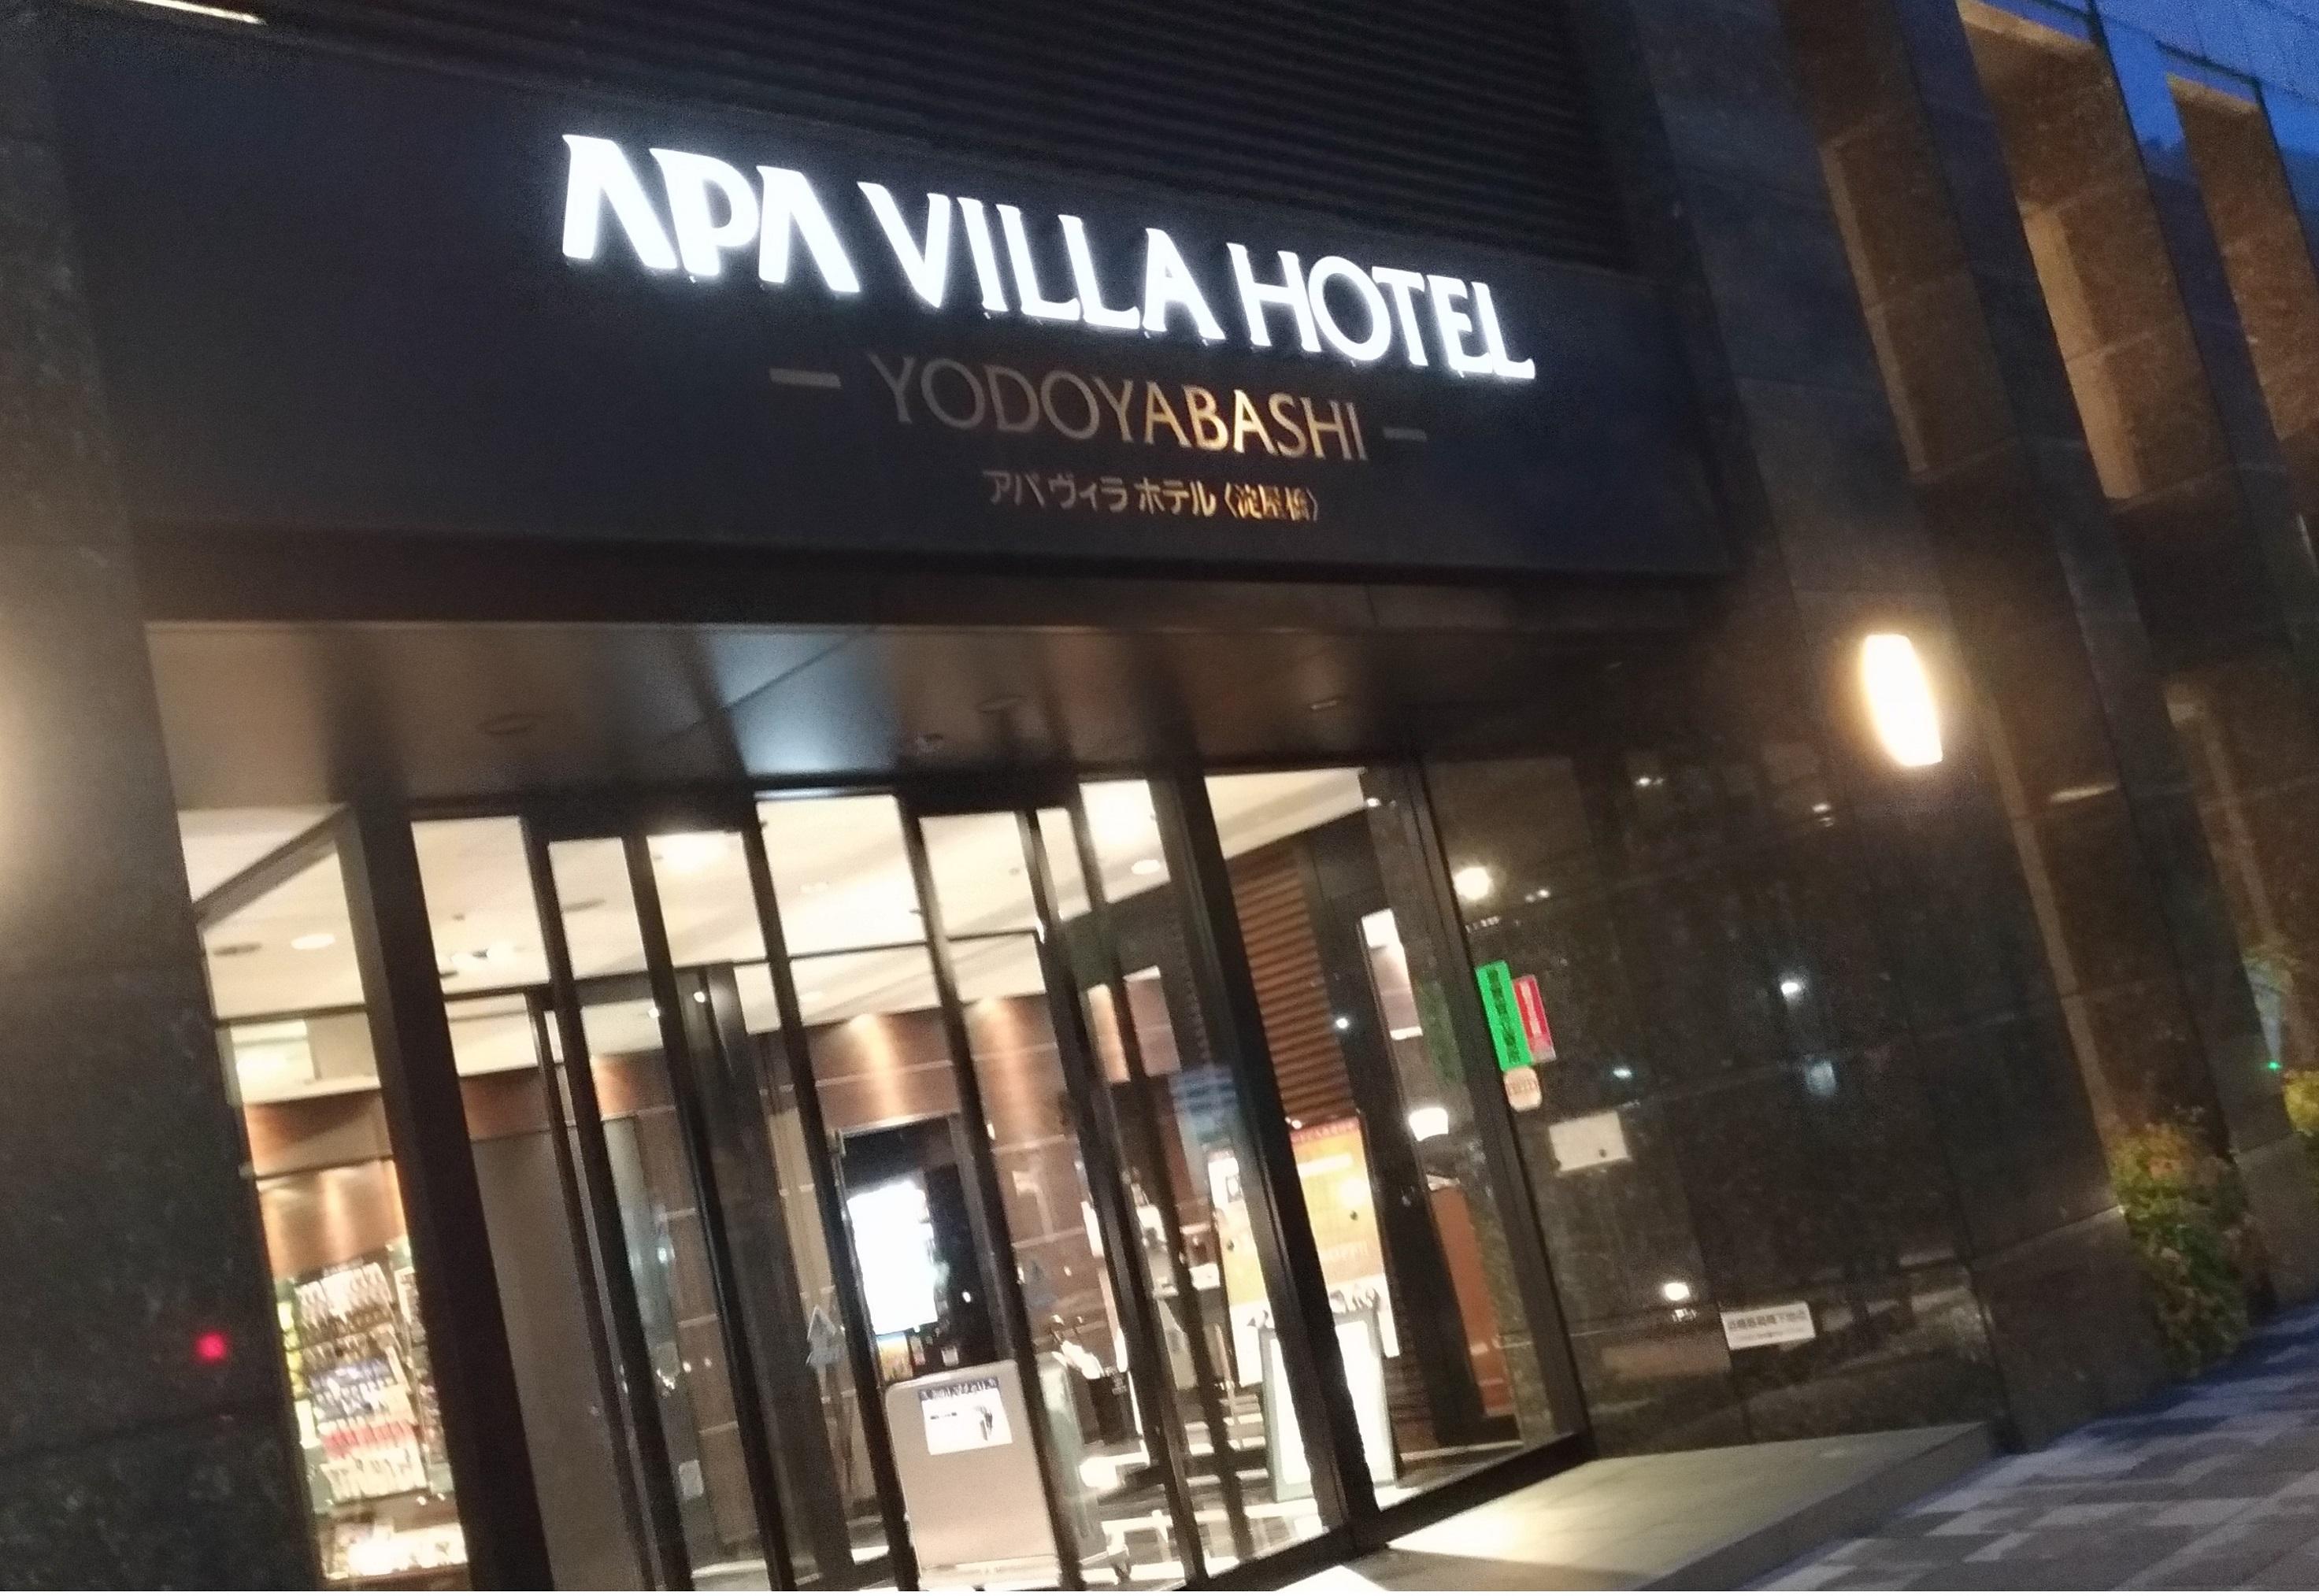 apahotel_yodoyabashi_osaka_room.jpg